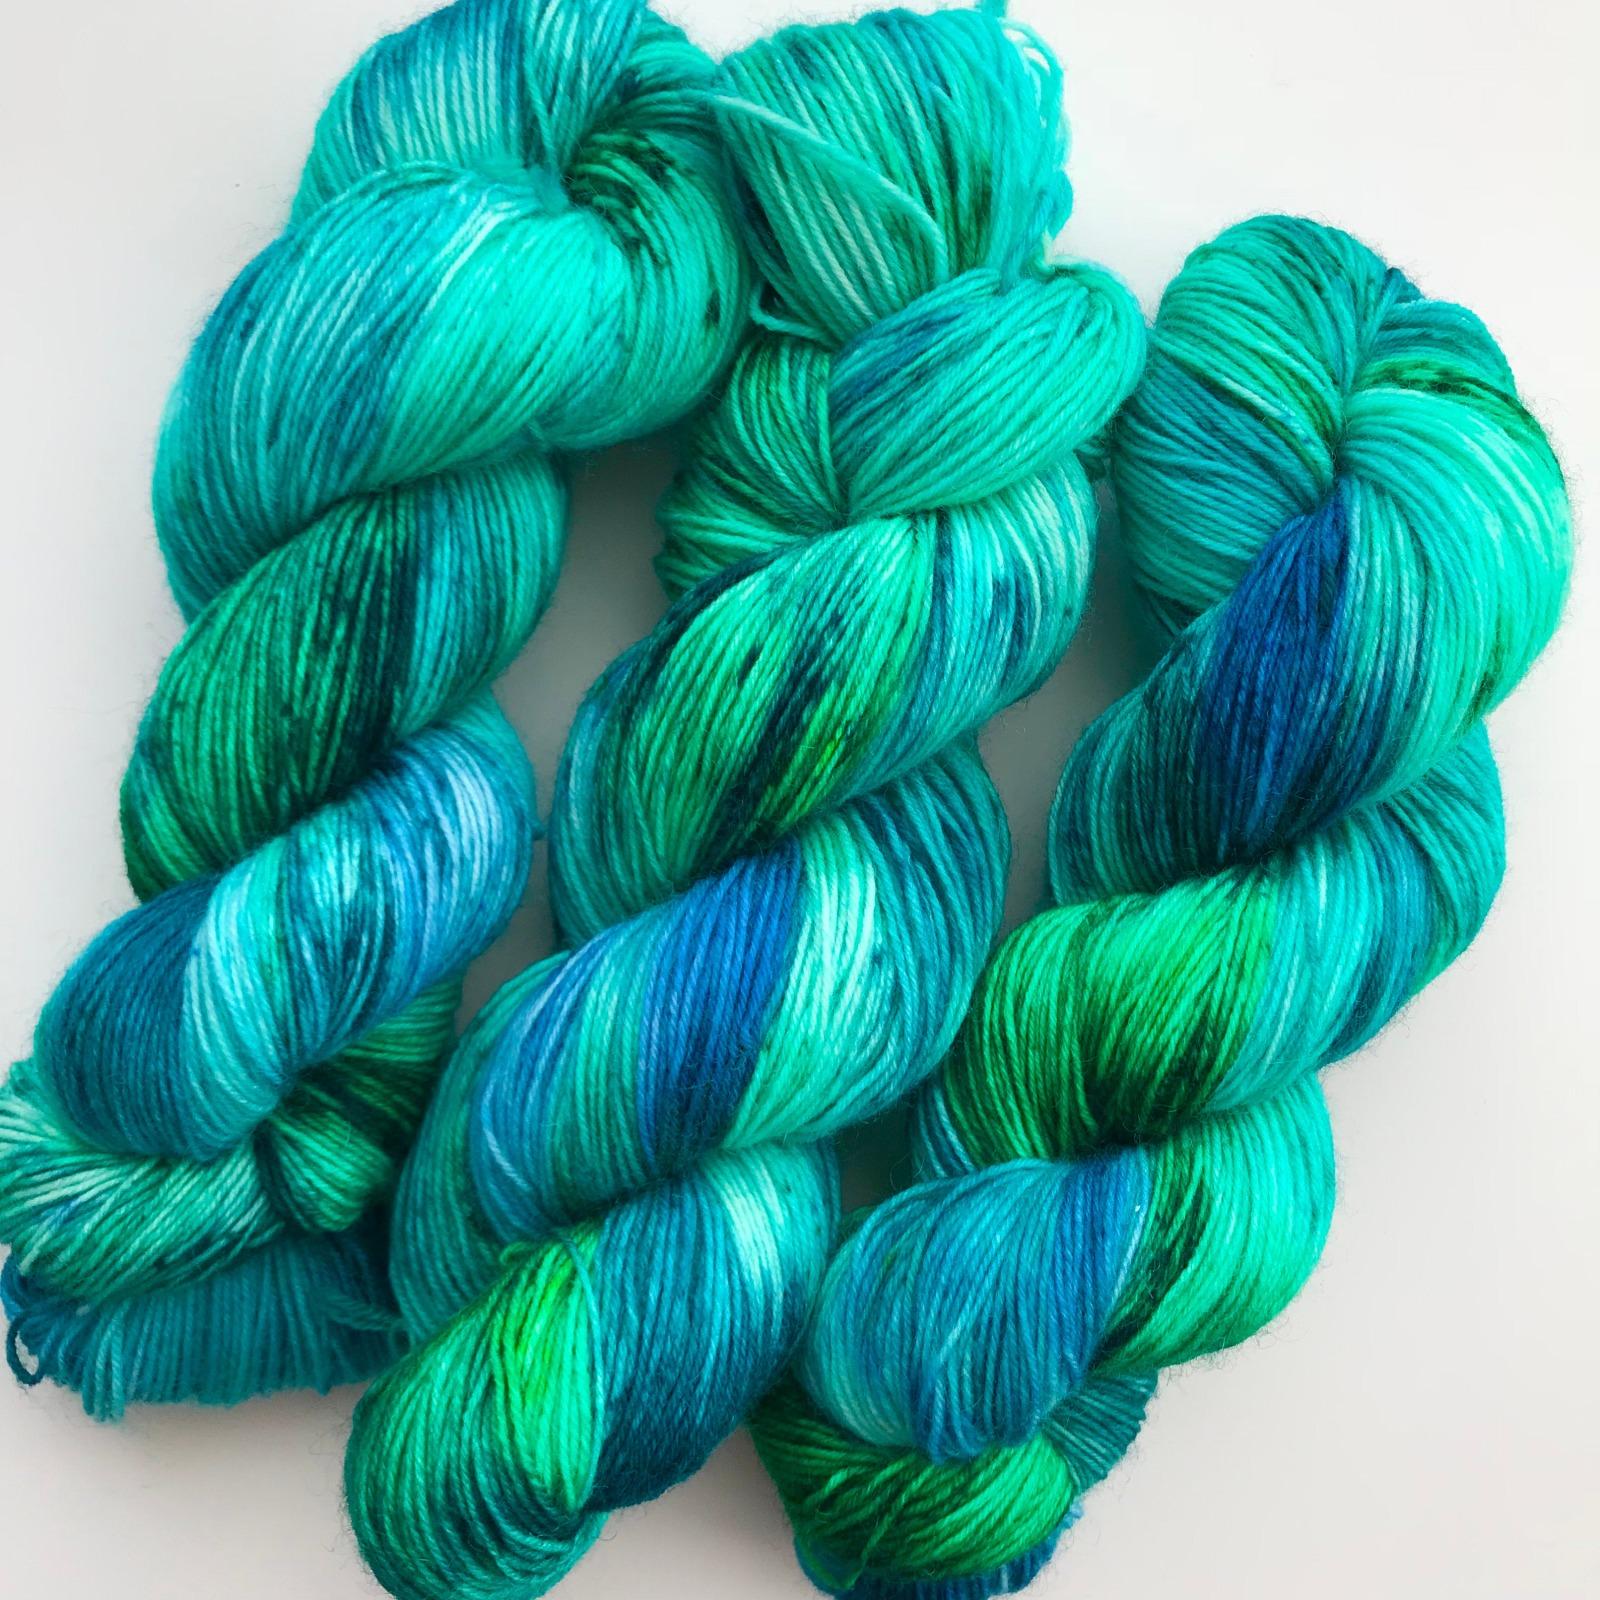 OCEAN BREEZE - handgefärbte Sockenwolle 3